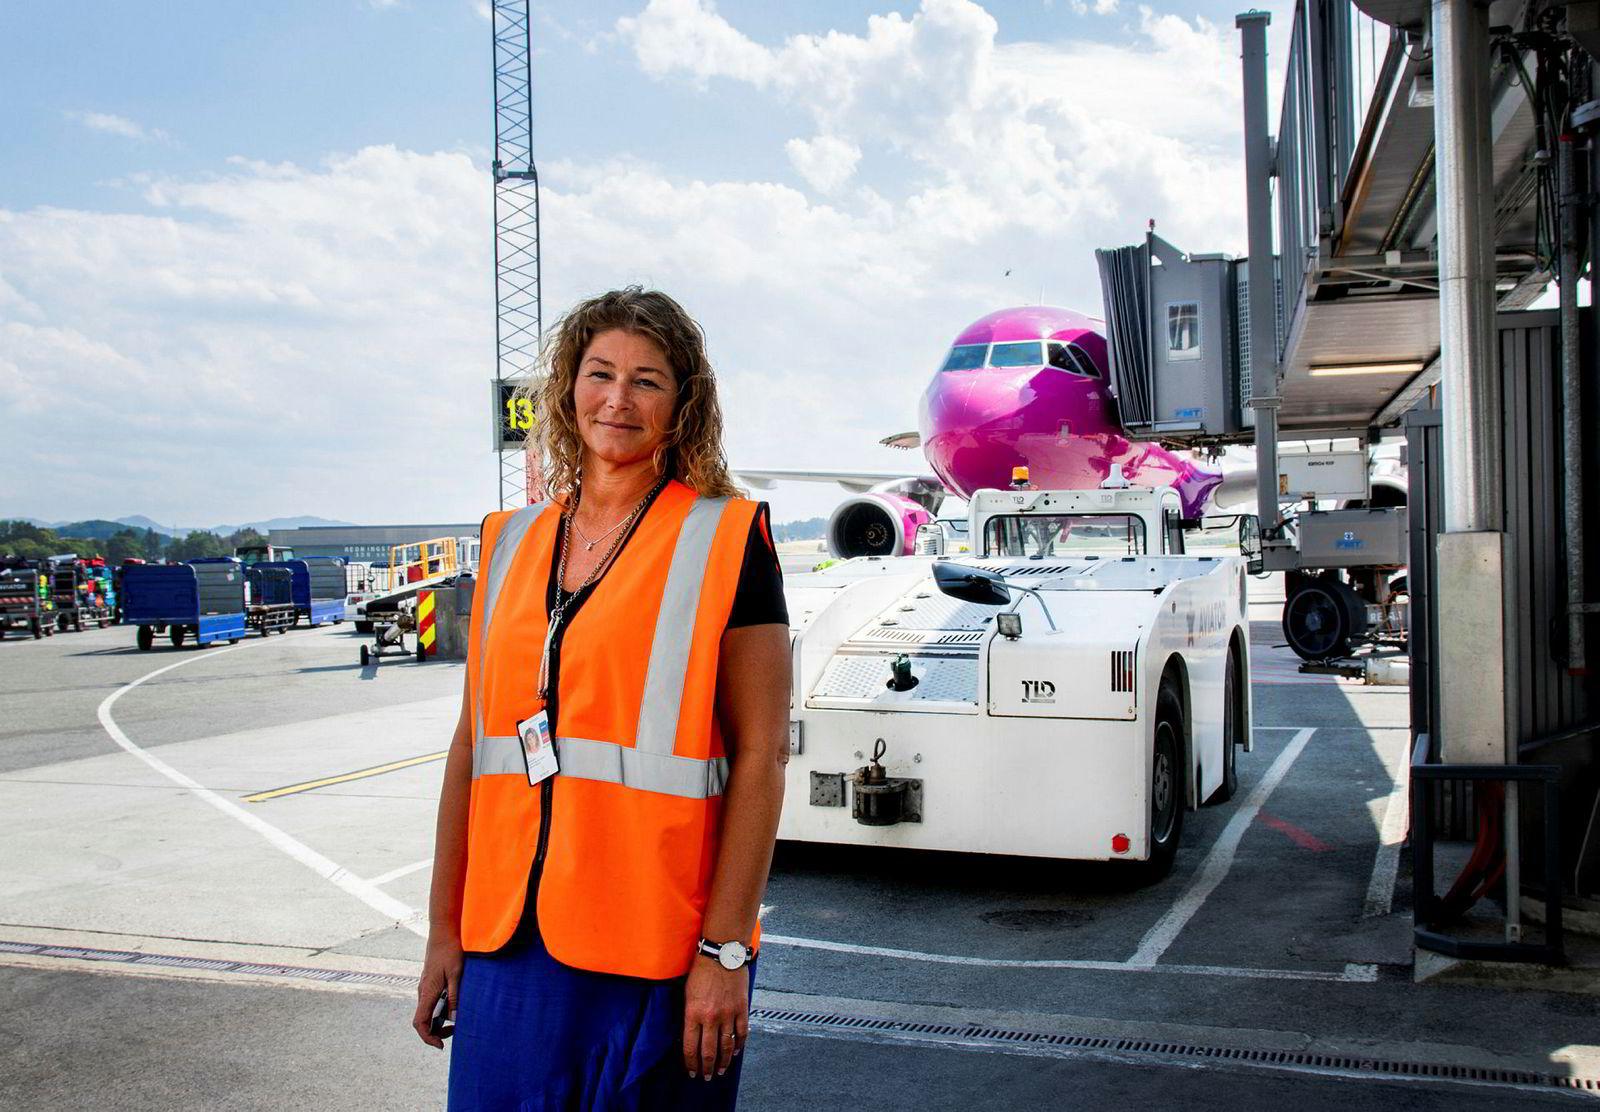 – I fremtiden vil det også bli tilrettelagt for lading av elfly ved broene vi setter opp, forklarer Anette Sigmundstad Heggen, sikkerhets- og kvalitetssjef ved Stavanger Lufthavn Sola.